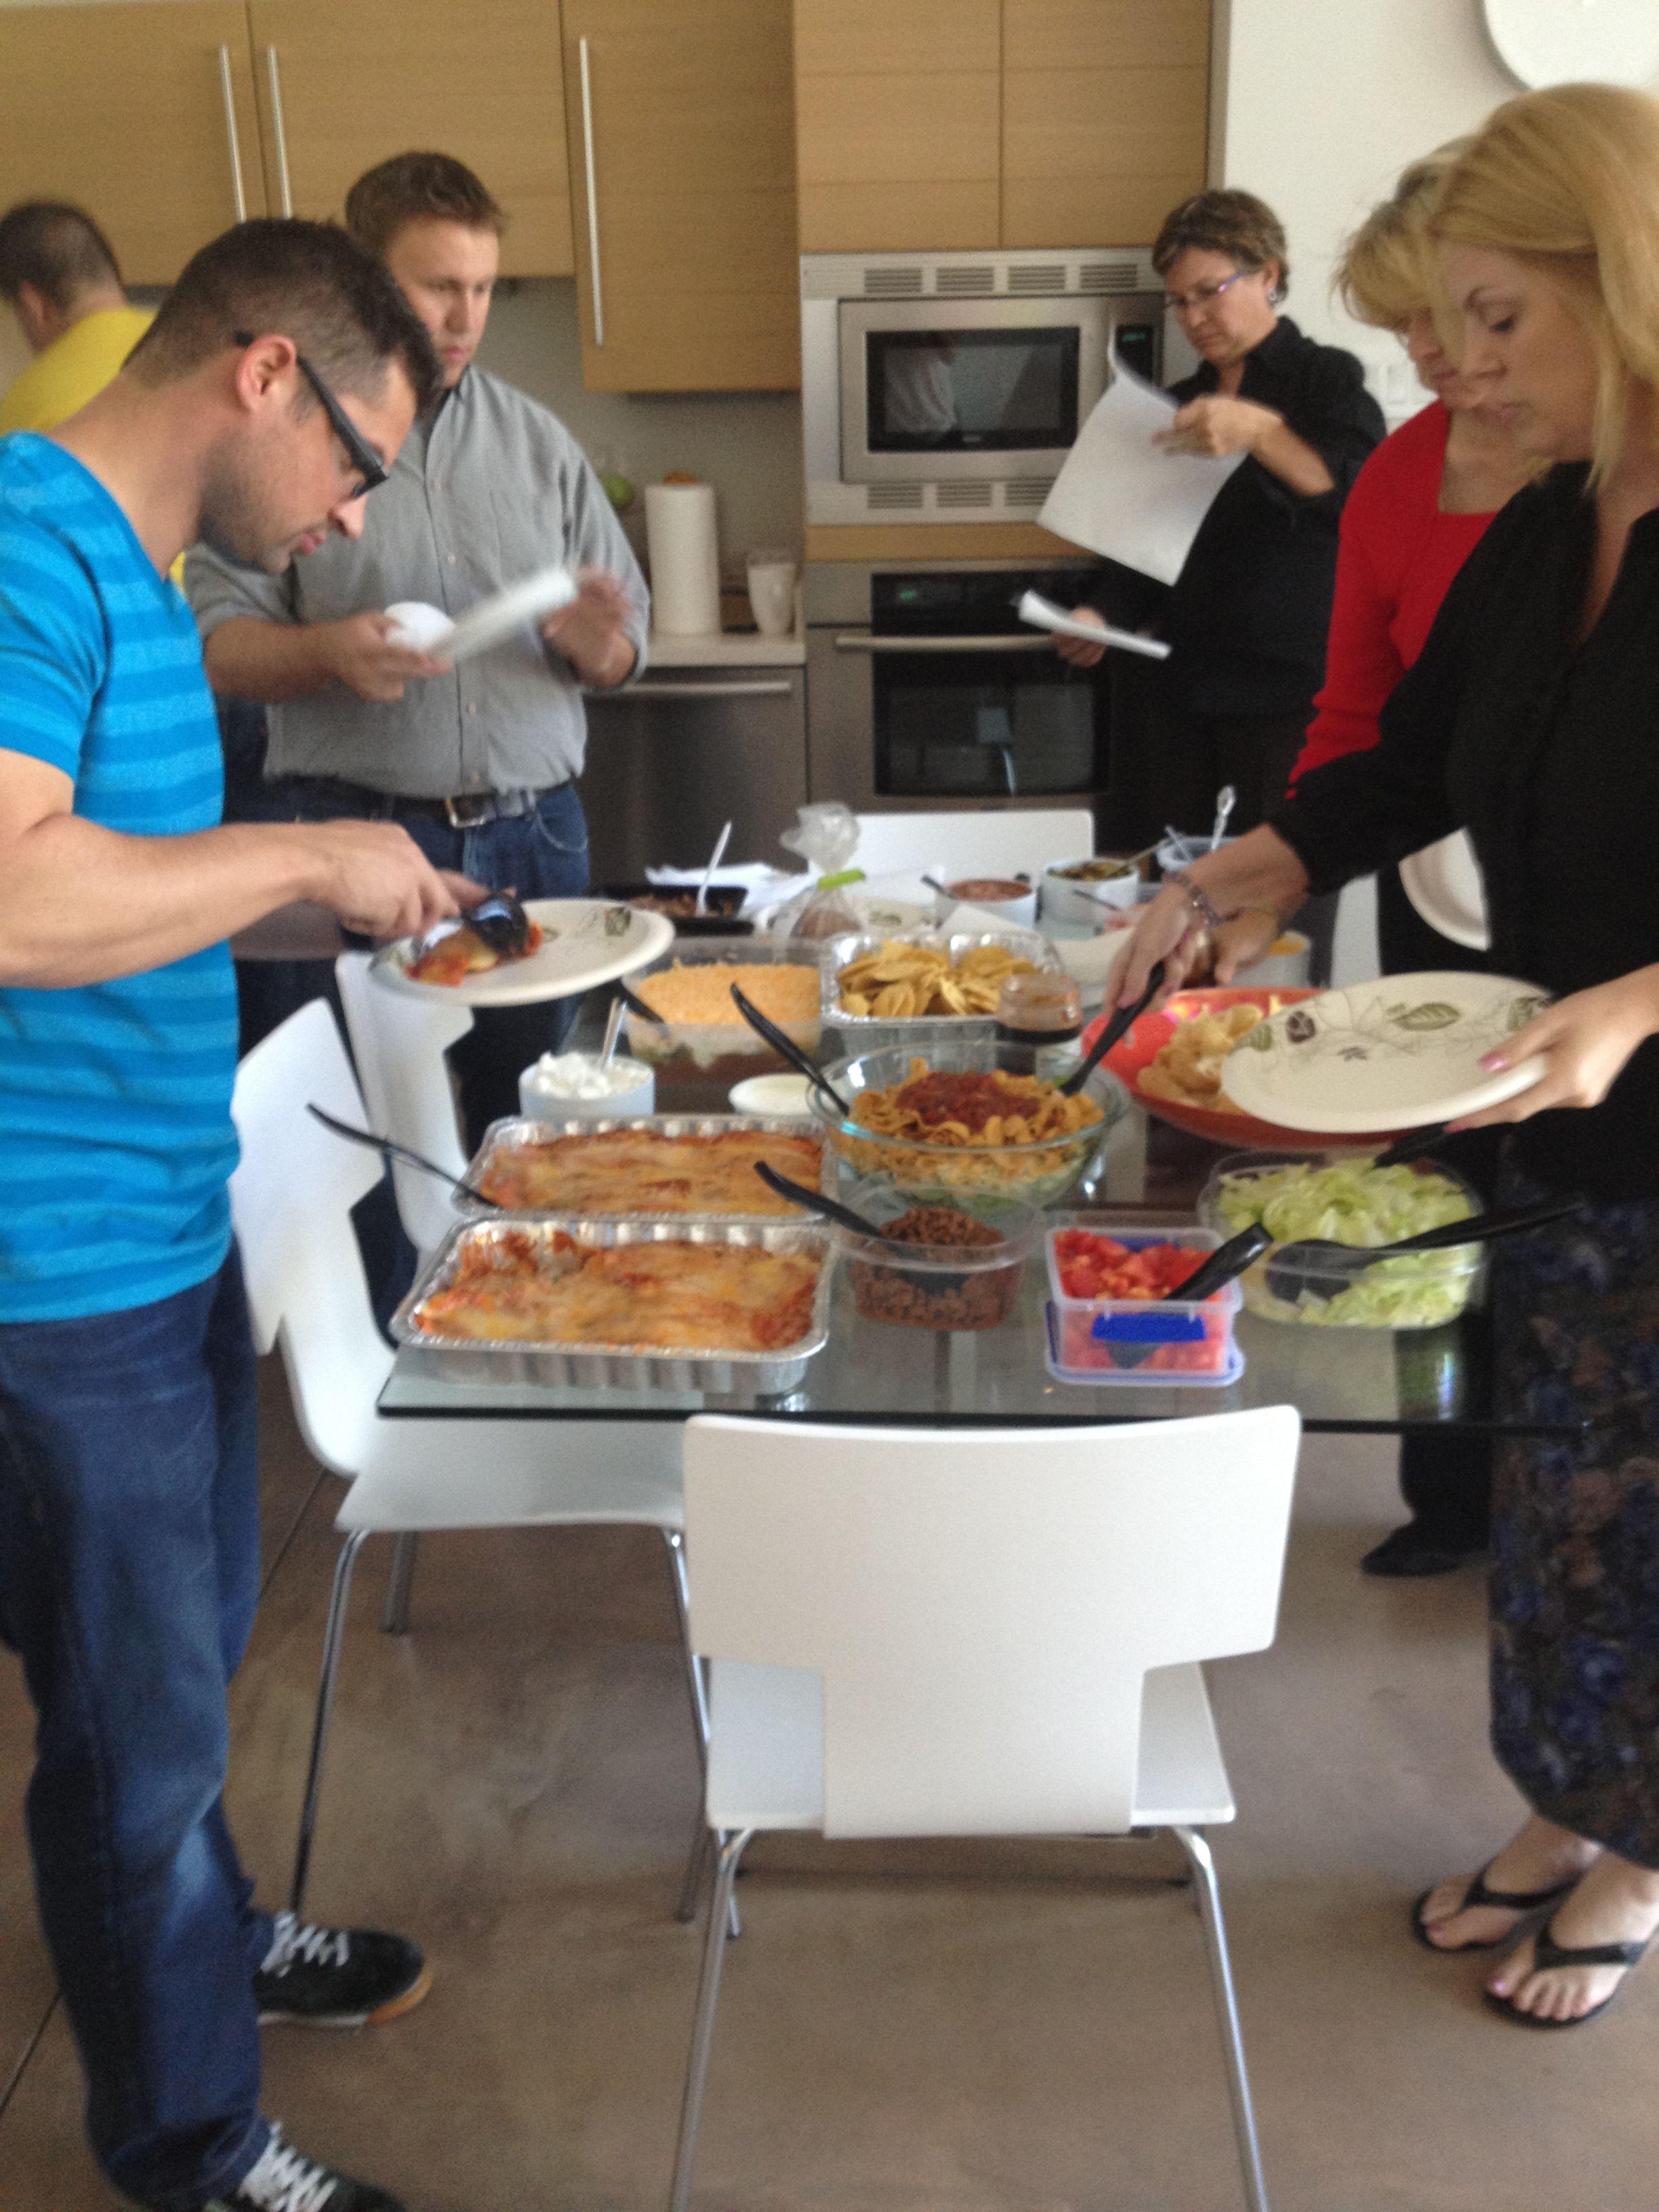 Office Birthday Potluck Ideas from i.pinimg.com